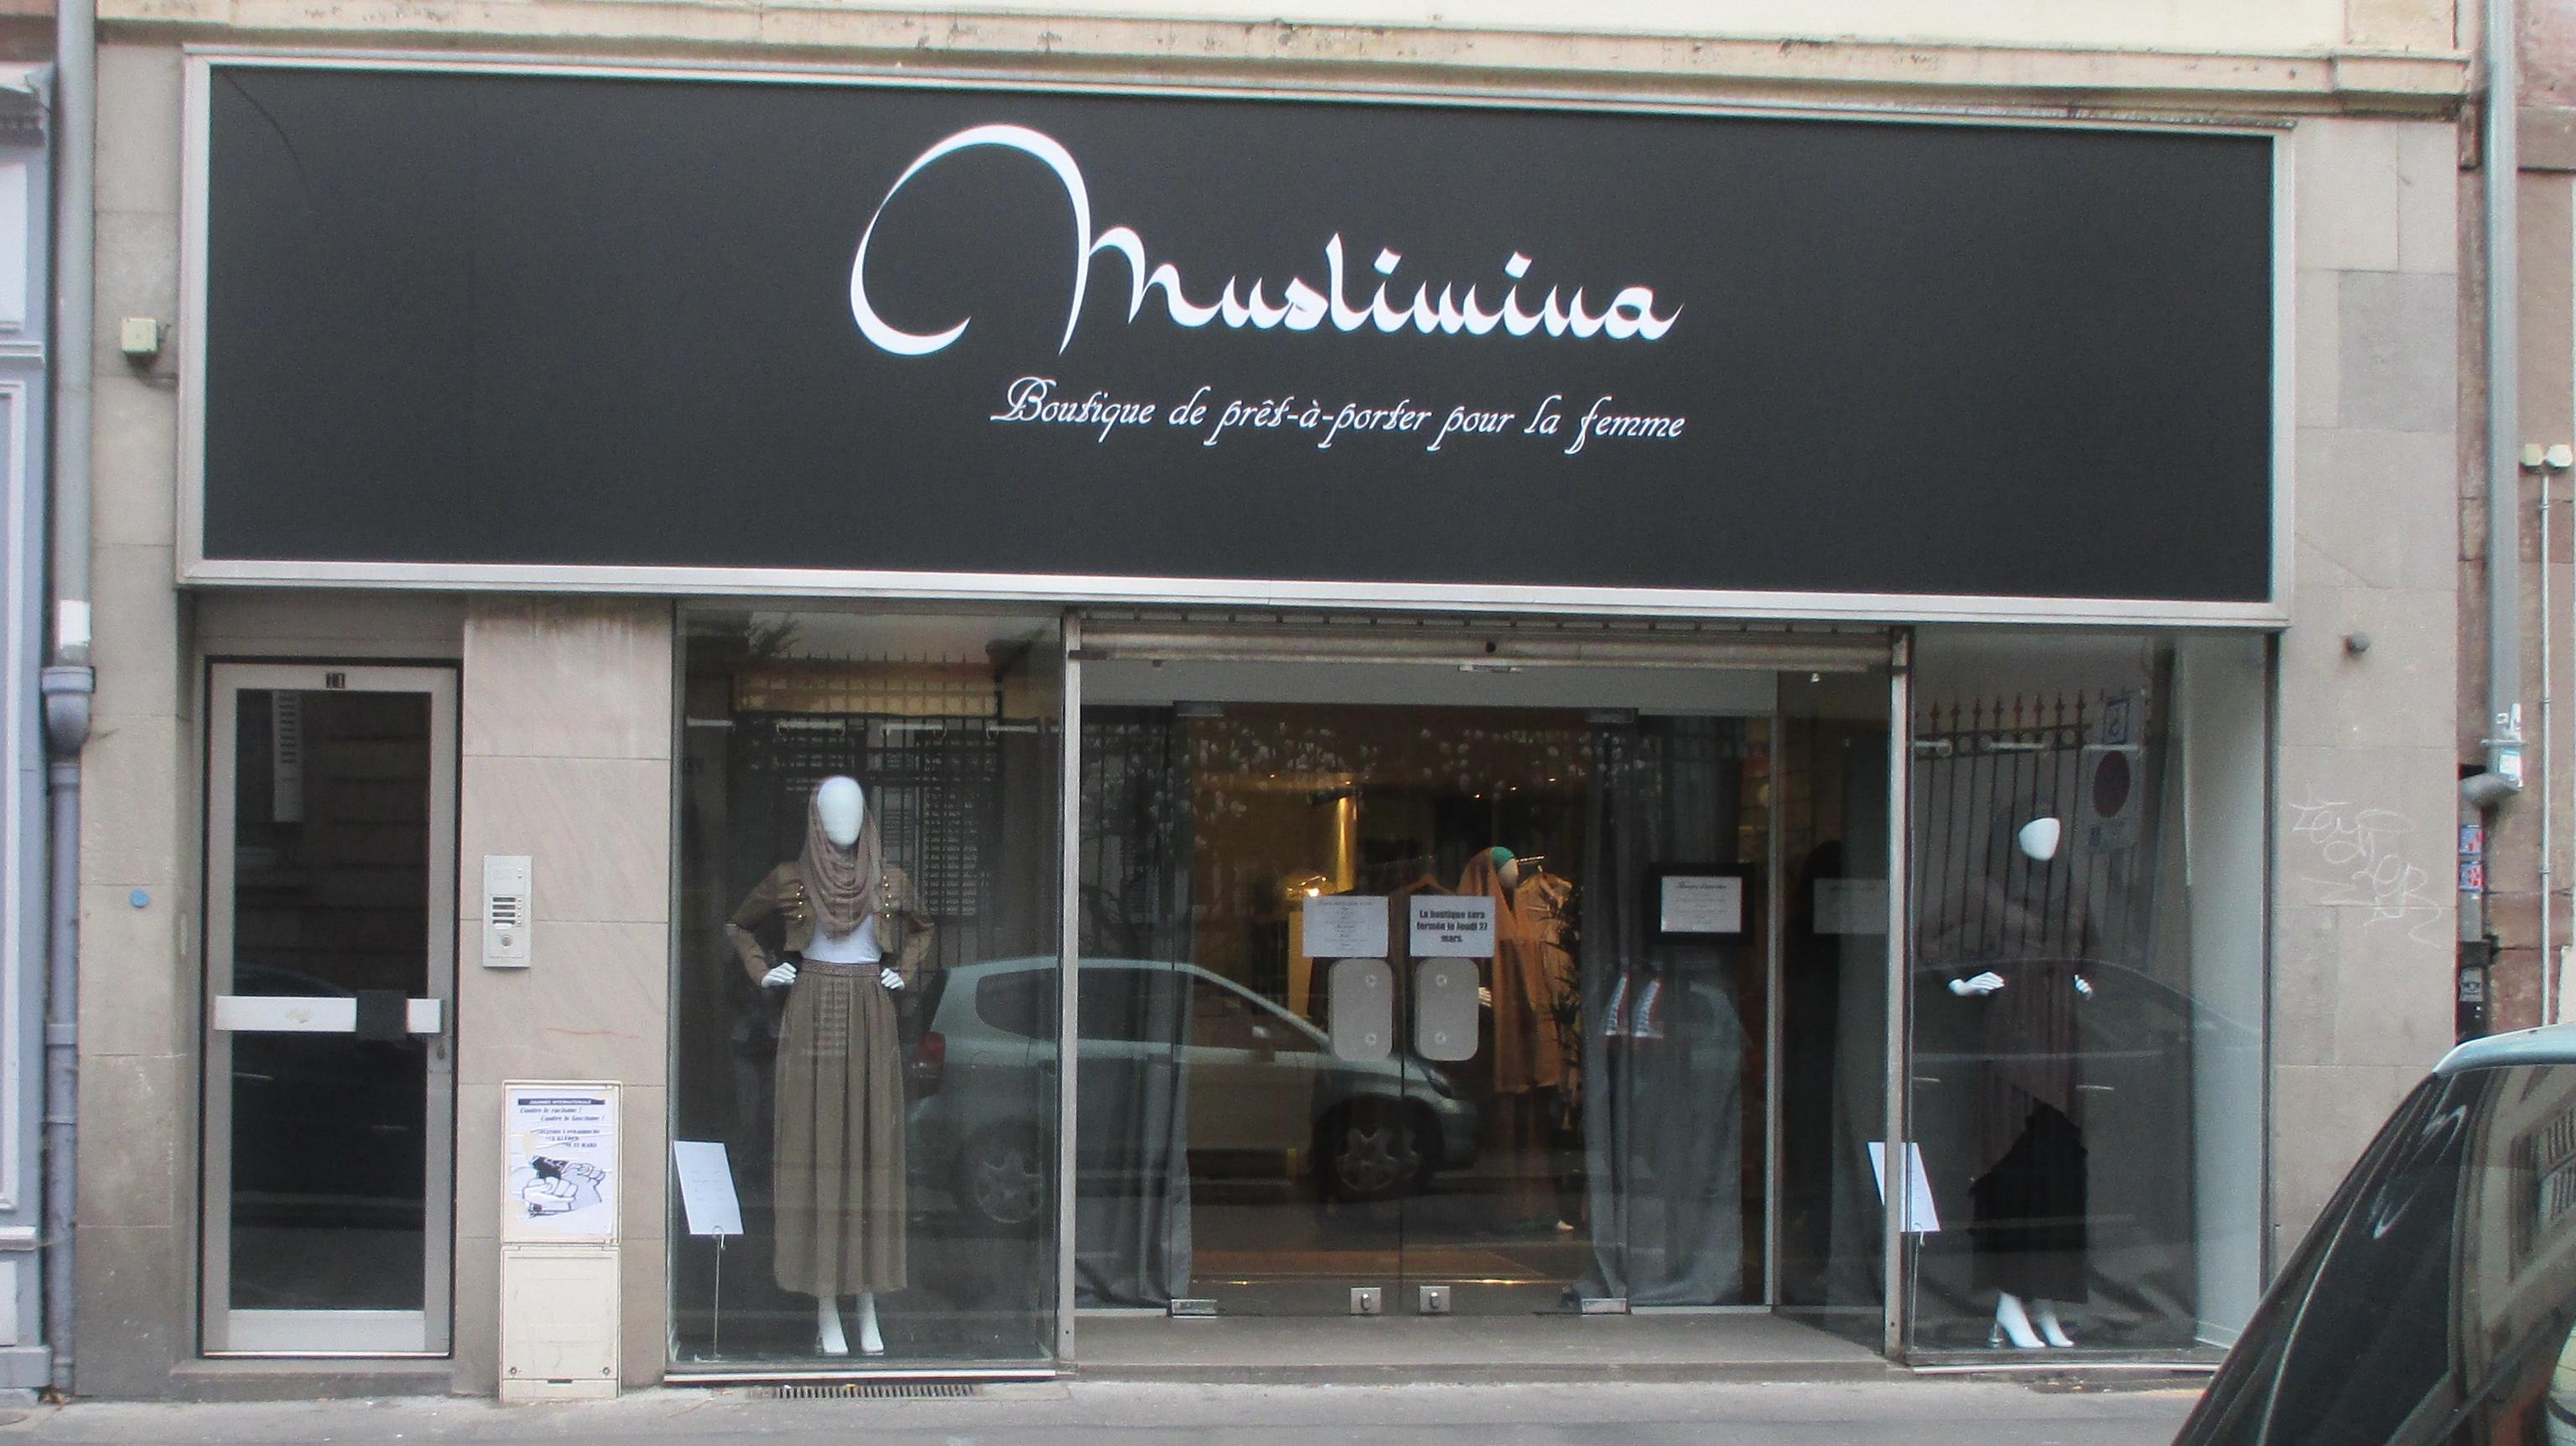 Boutique muslimina al moultazimoun le blog for Un boutique